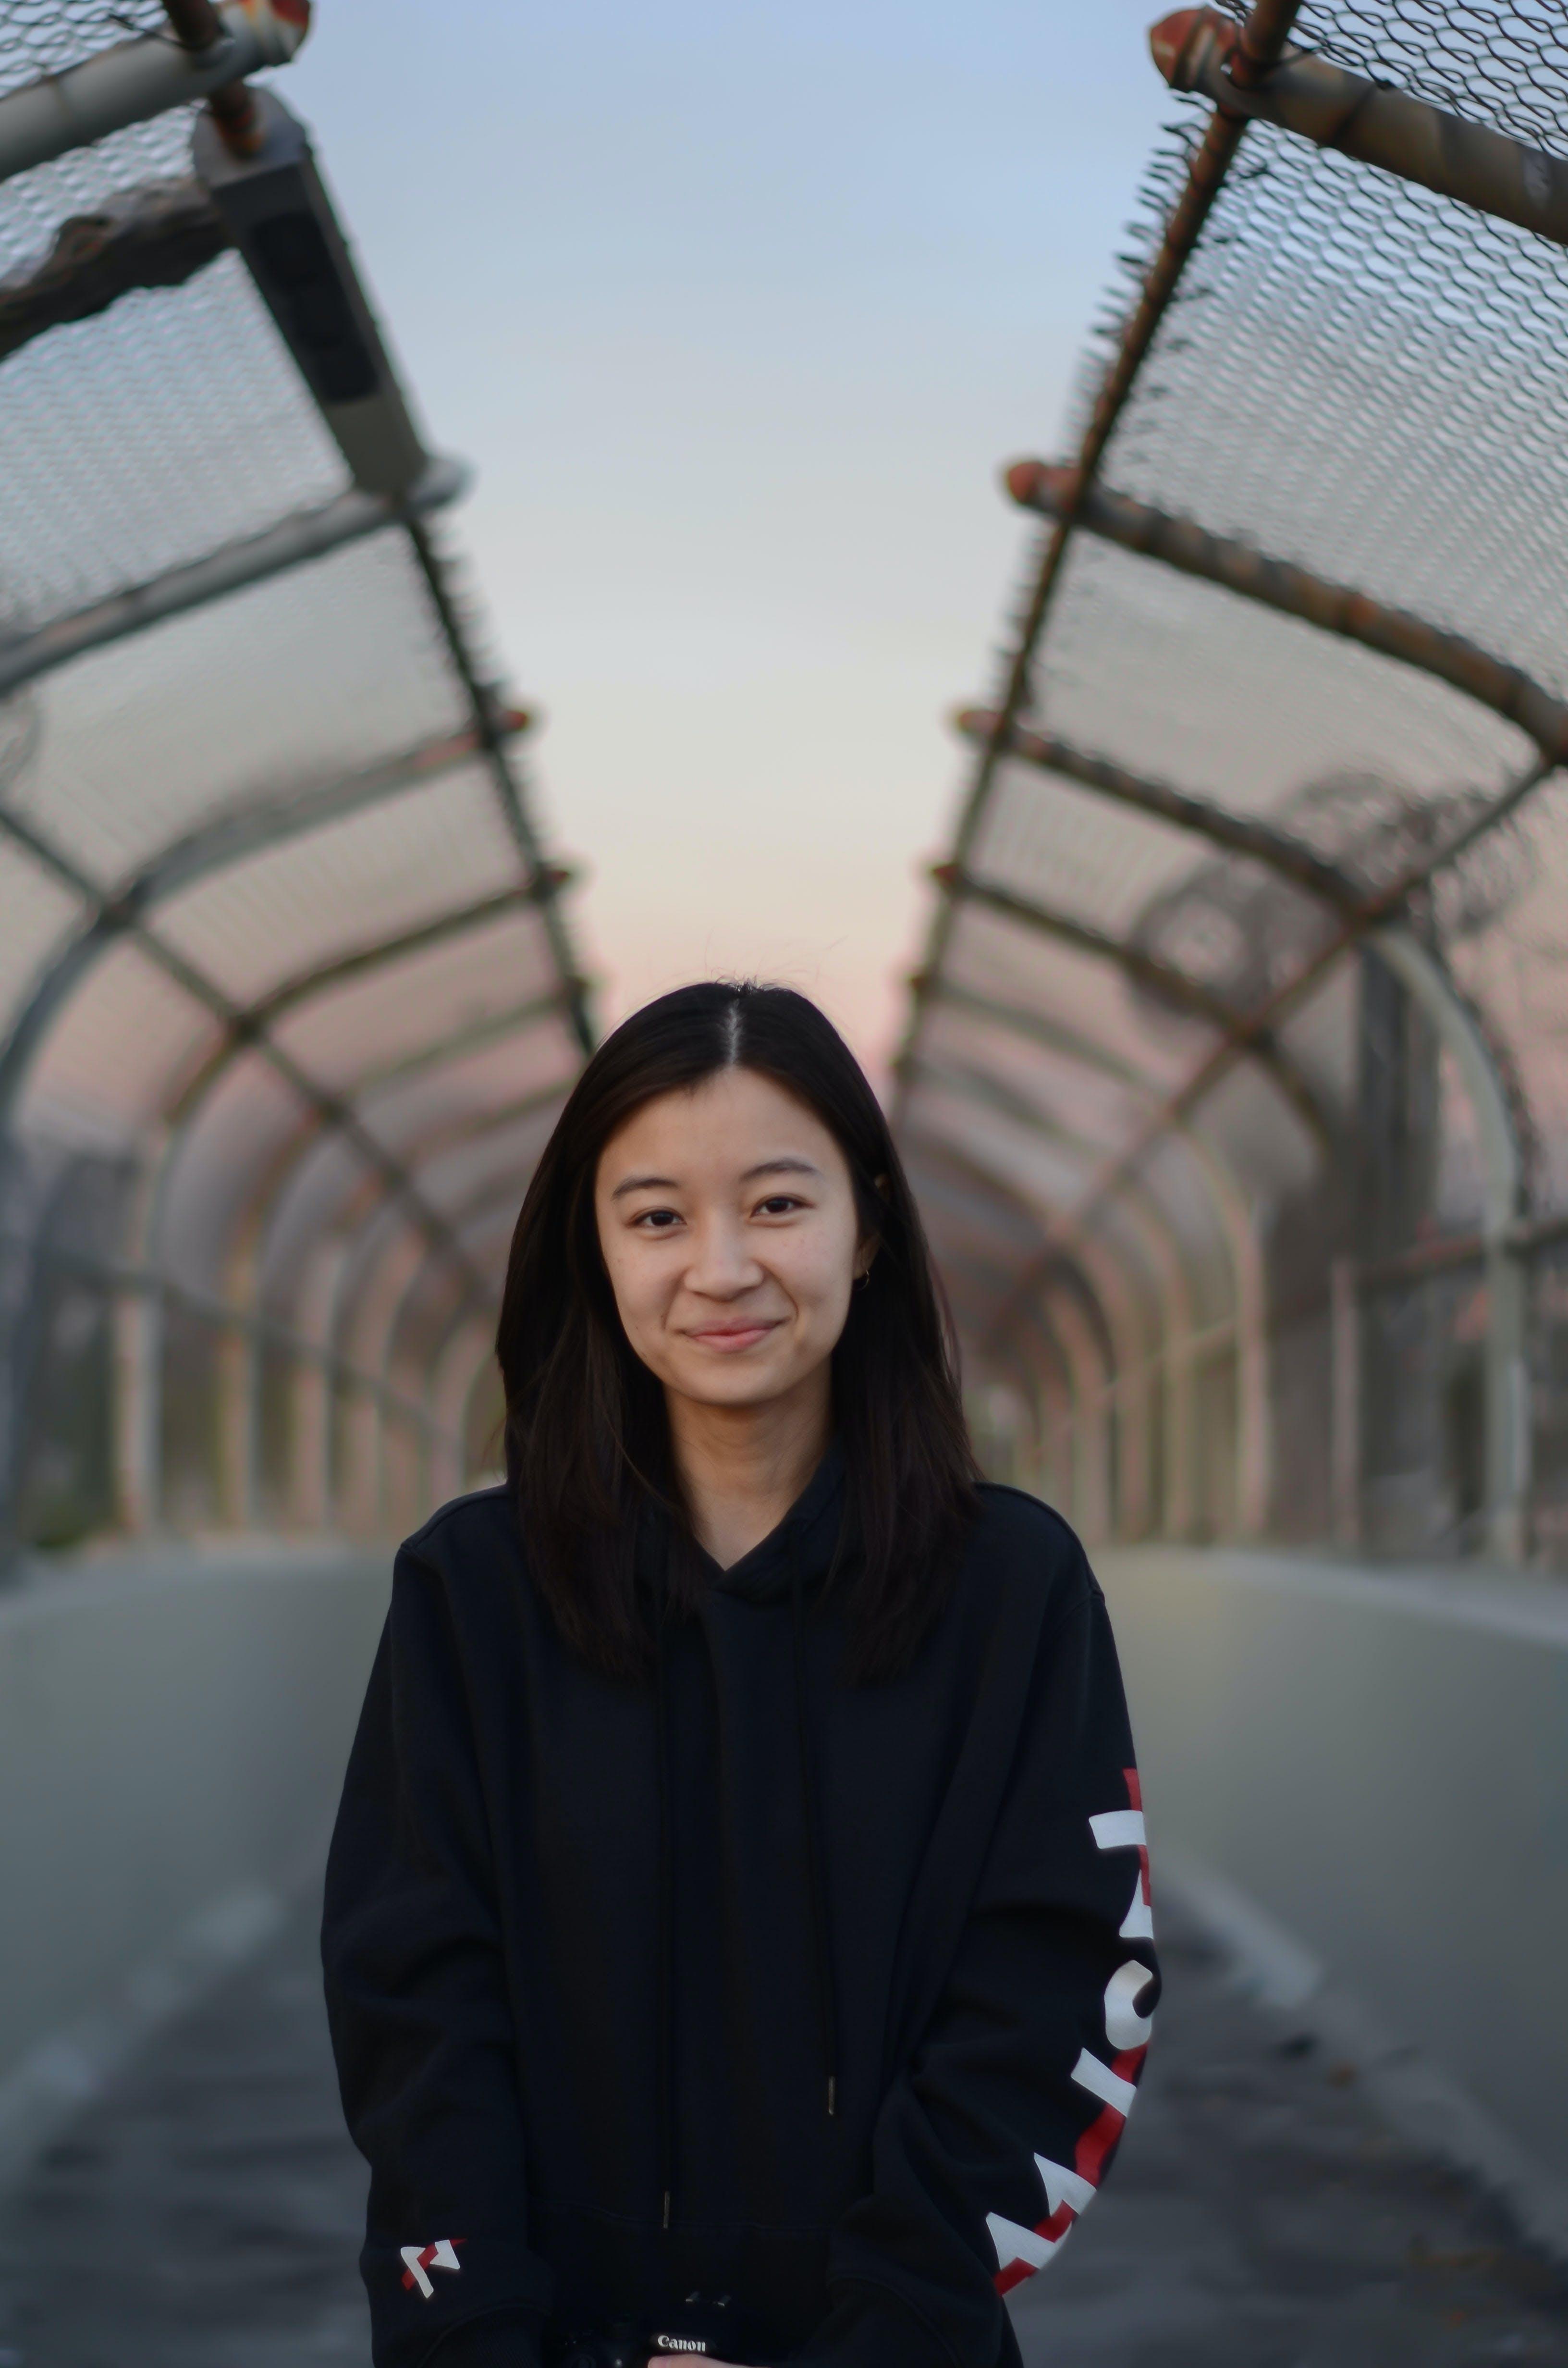 Photo of Girl Wearing Jacket